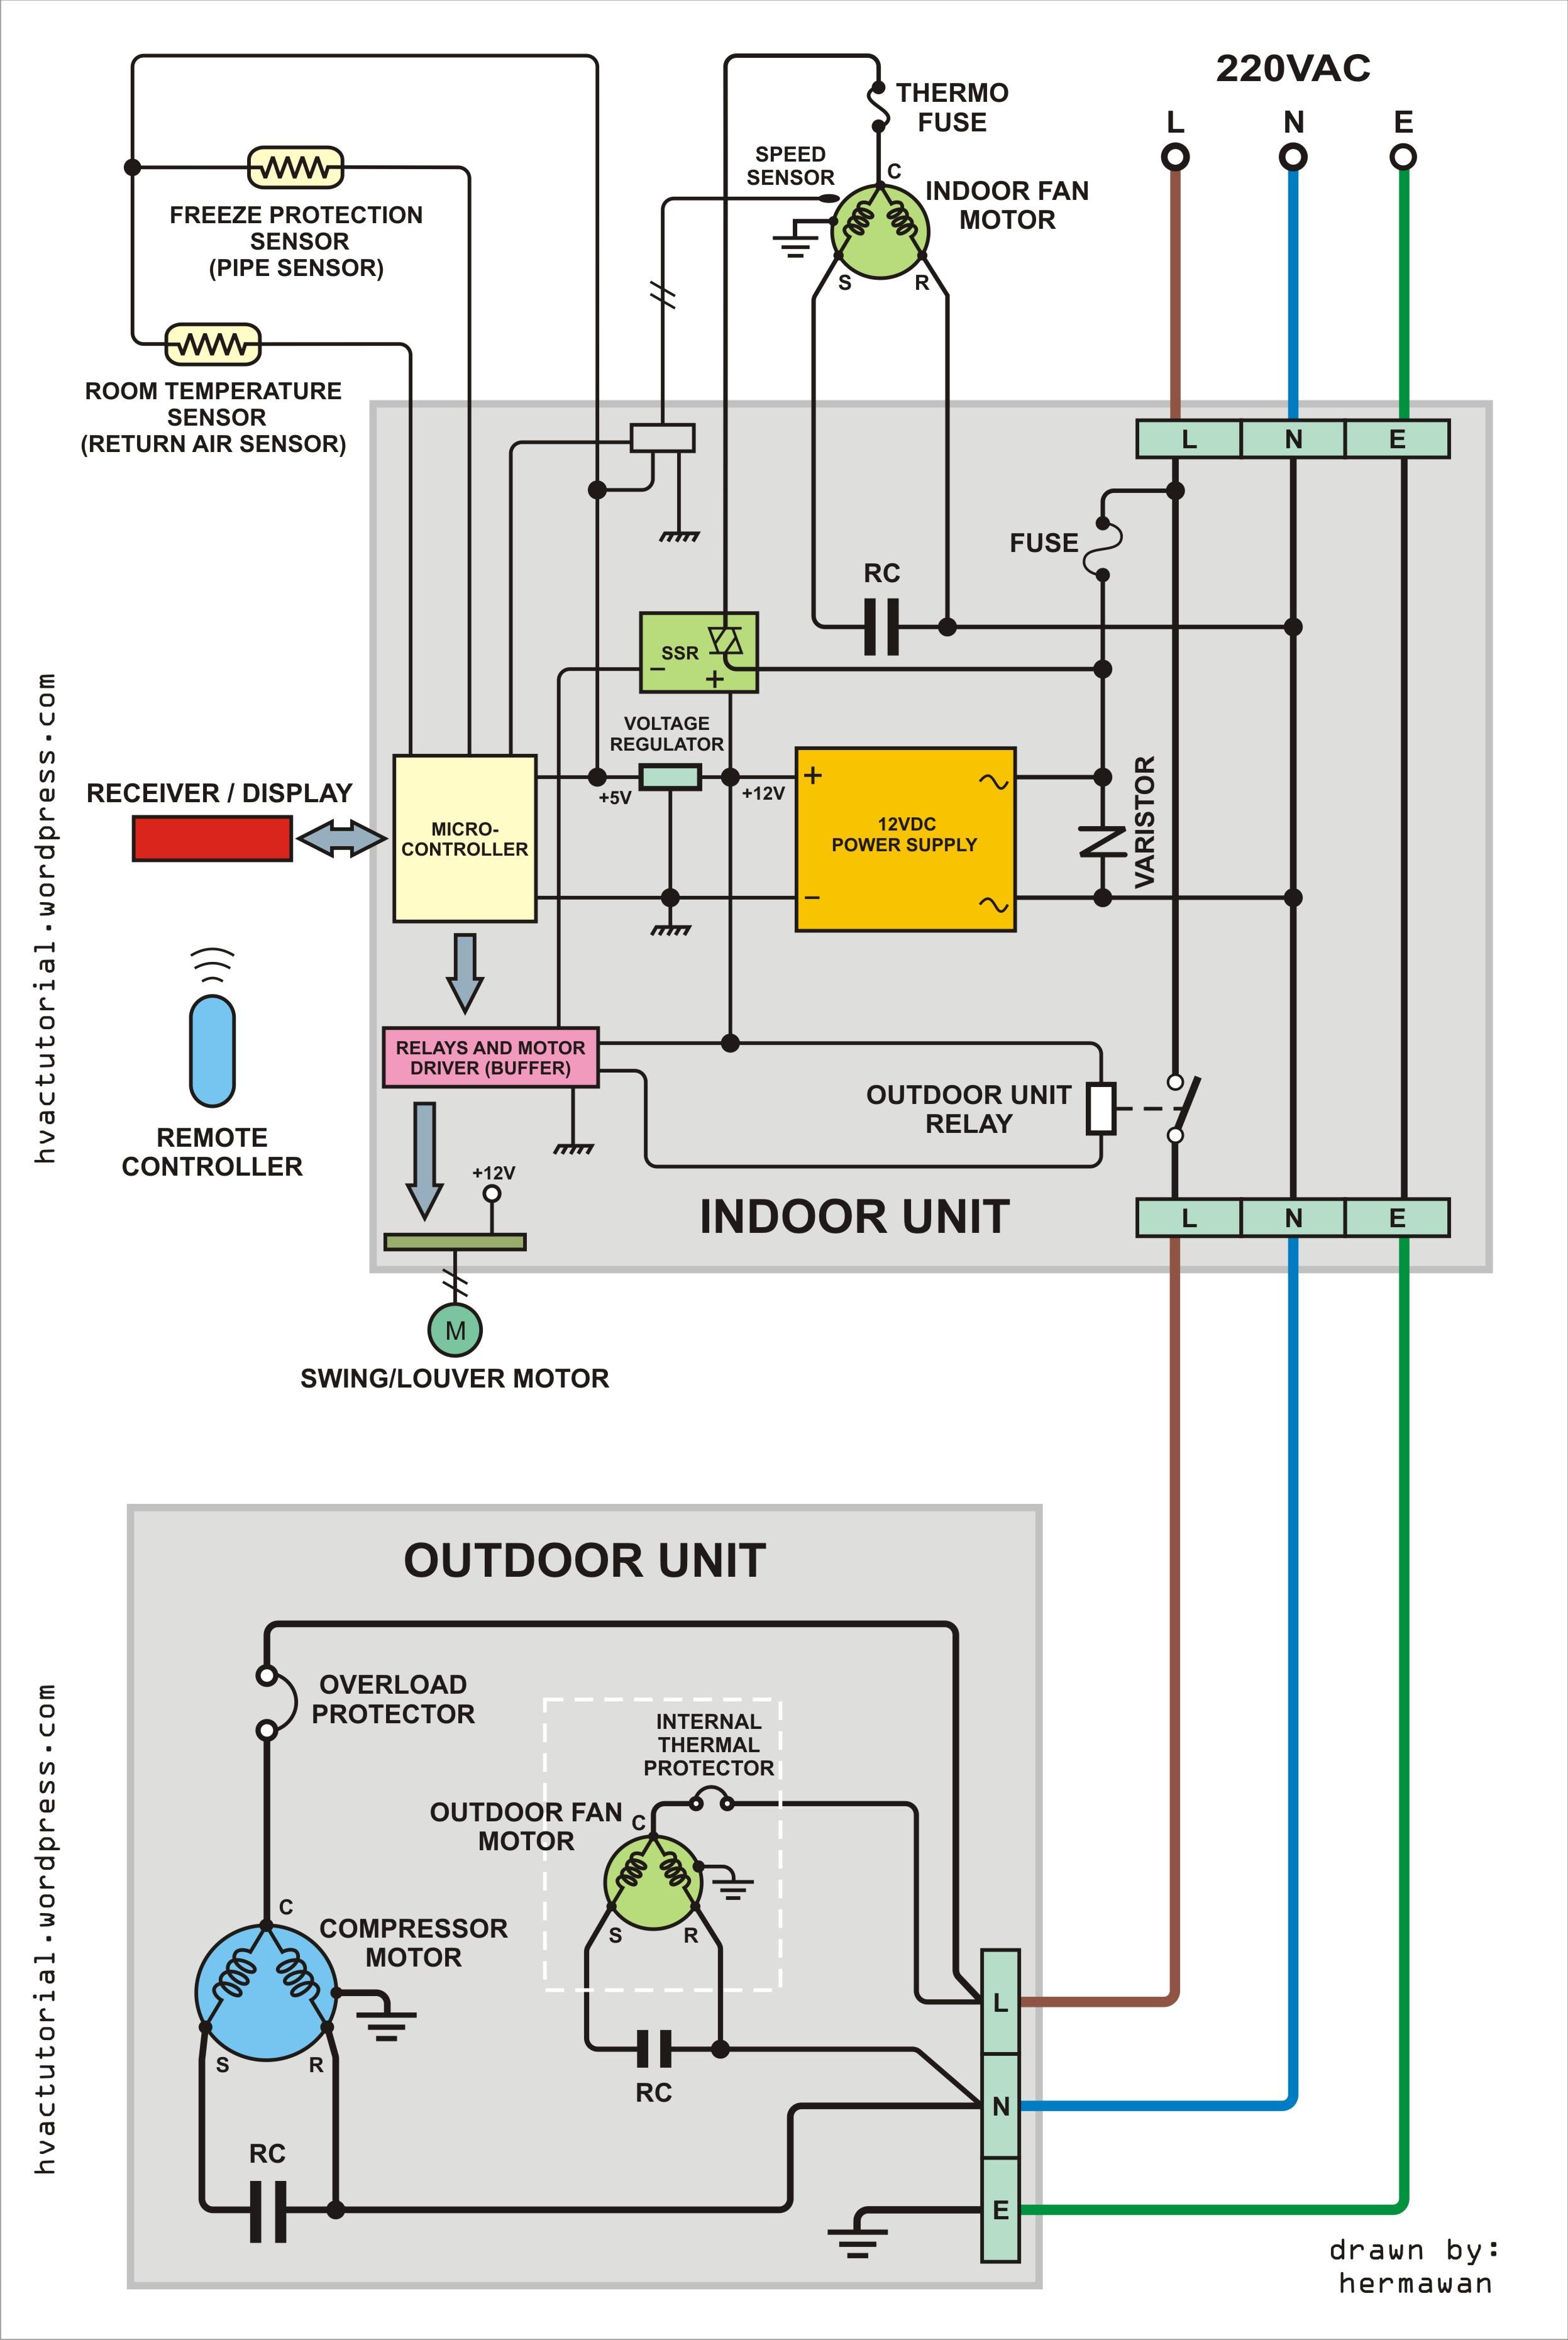 Rv Hvac Wiring | Wiring Diagram - Start Run Capacitor Wiring Diagram